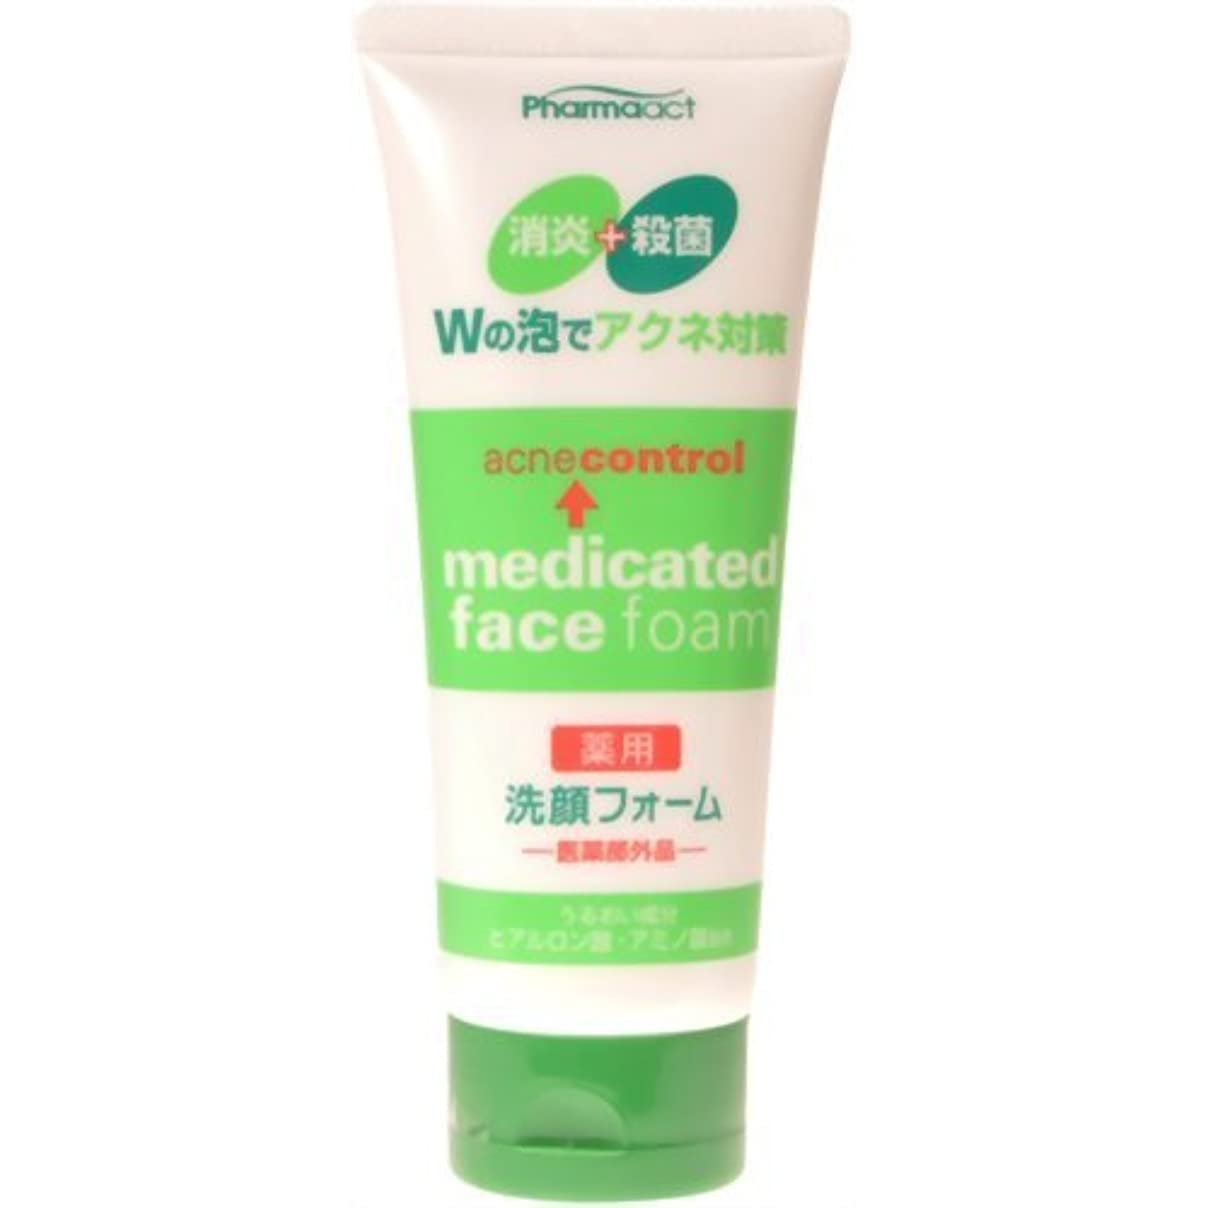 おとこすきメール熊野油脂 ファーマアクト 薬用洗顔フォーム 130g [医薬部外品]